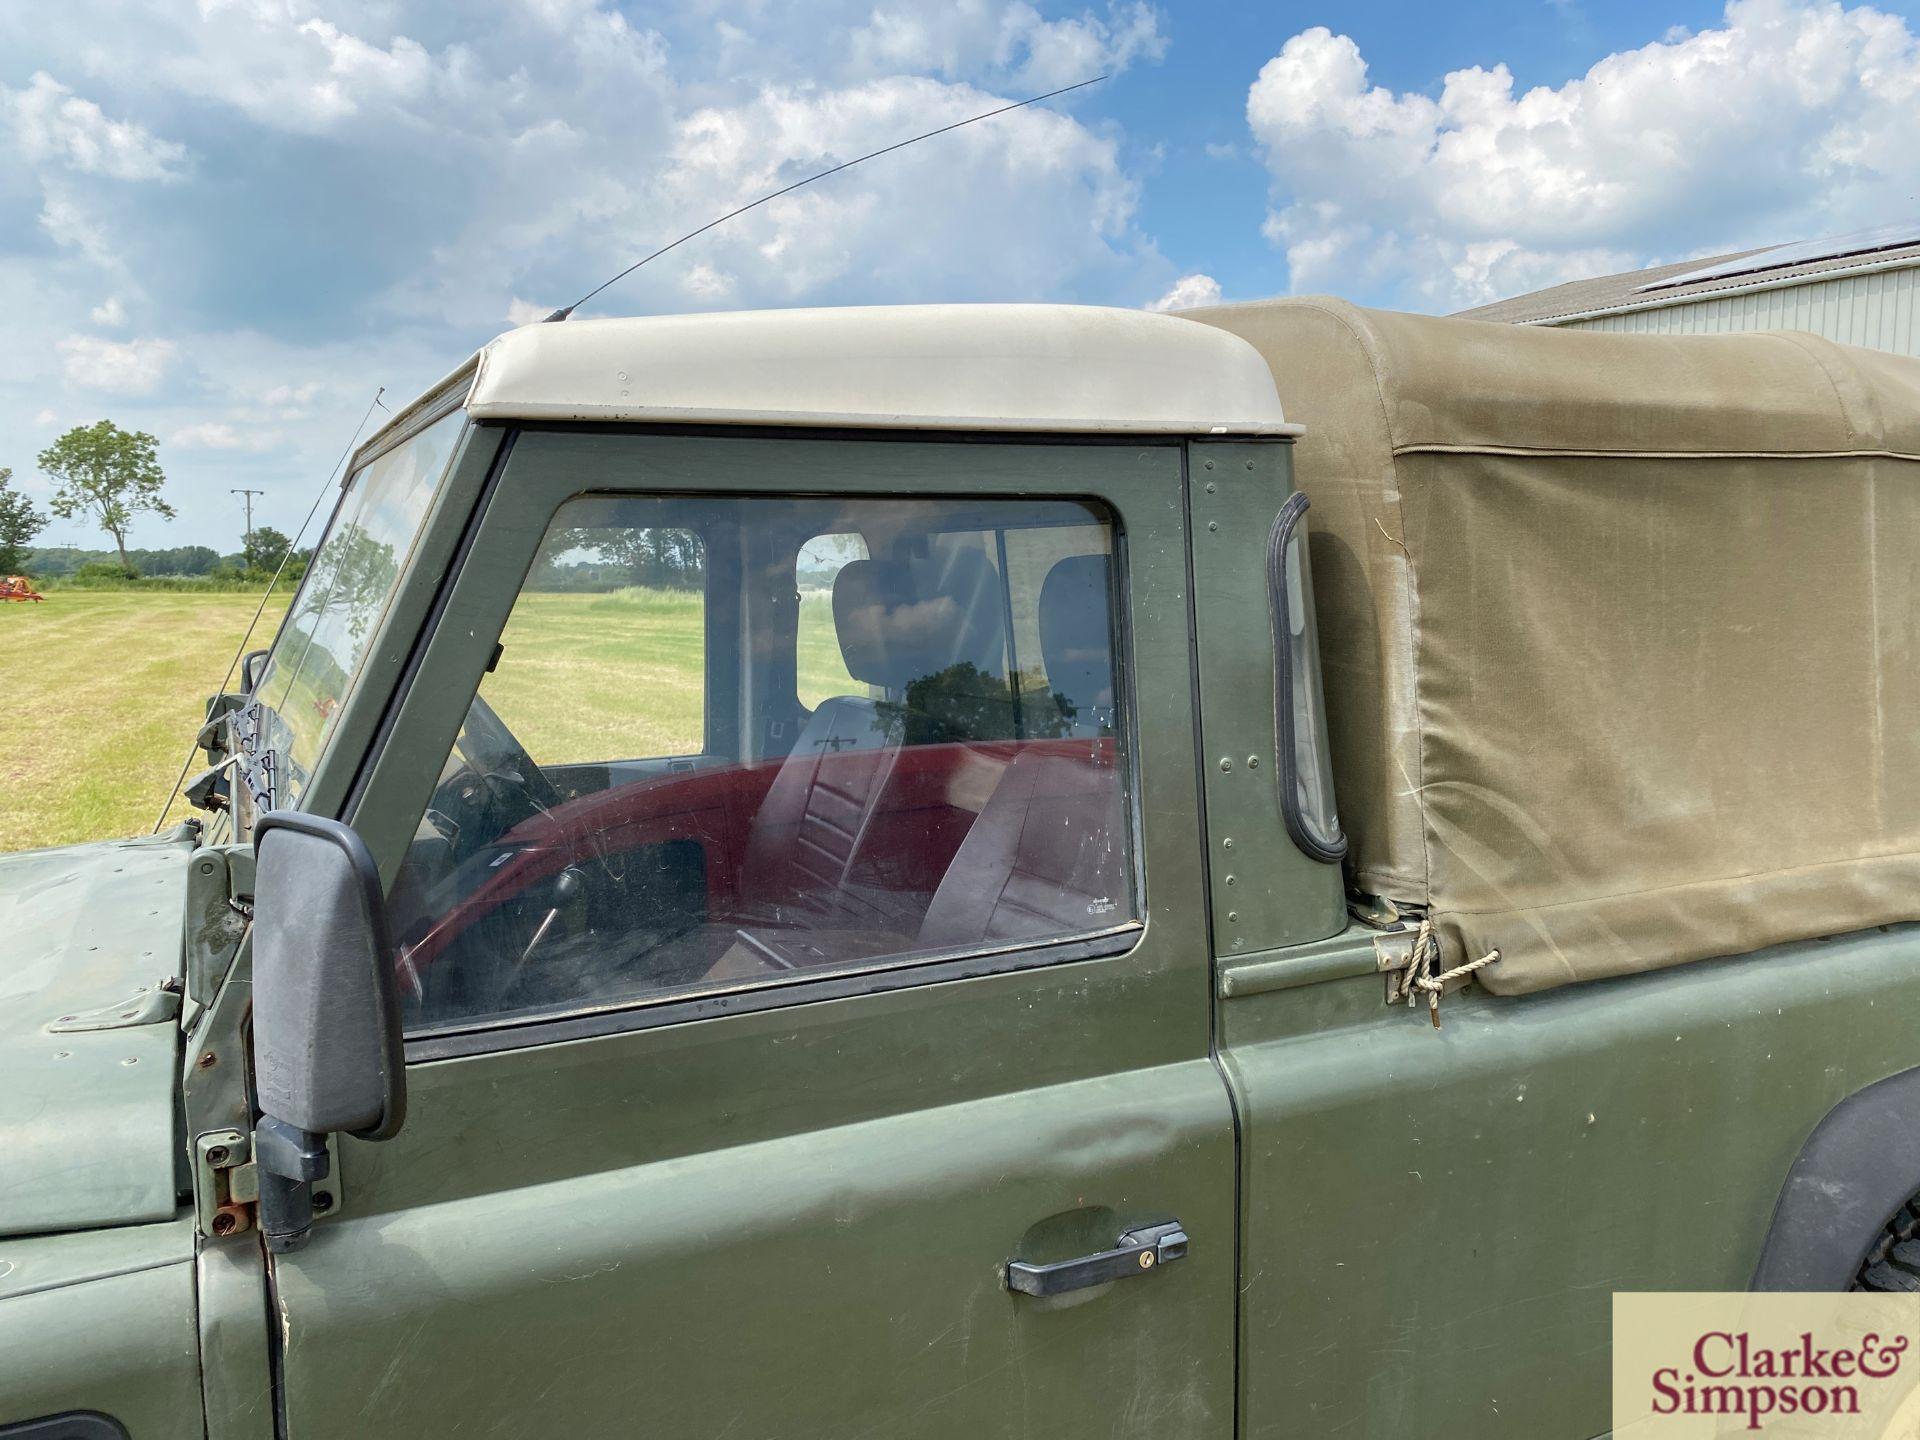 Land Rover Defender 110 single cab pick-up. Registration H317 OHK. Date of first registration 08/ - Image 16 of 56